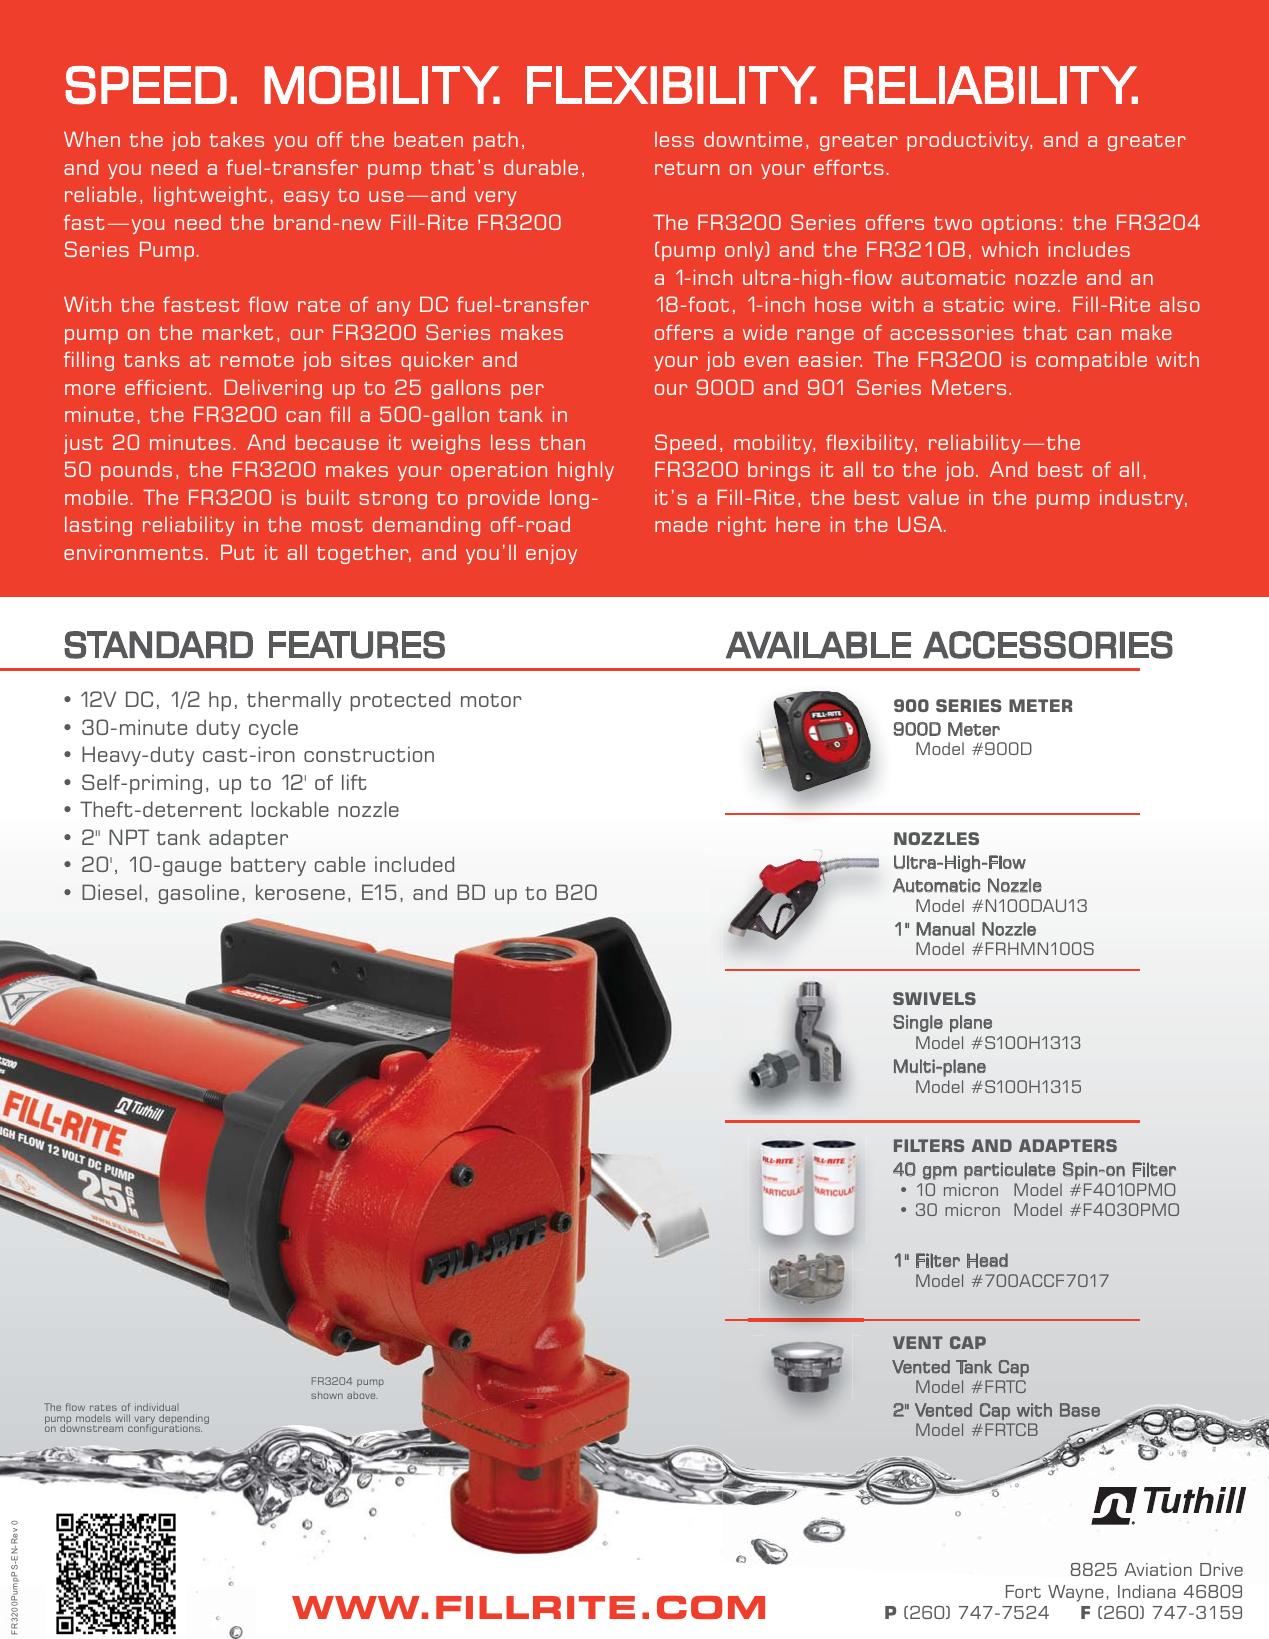 Fr3200pumpsb En Rev 0 552059 3 Fill Rite Fr3204 Dc Fuel Transfer Pump Filter Page 2 Of